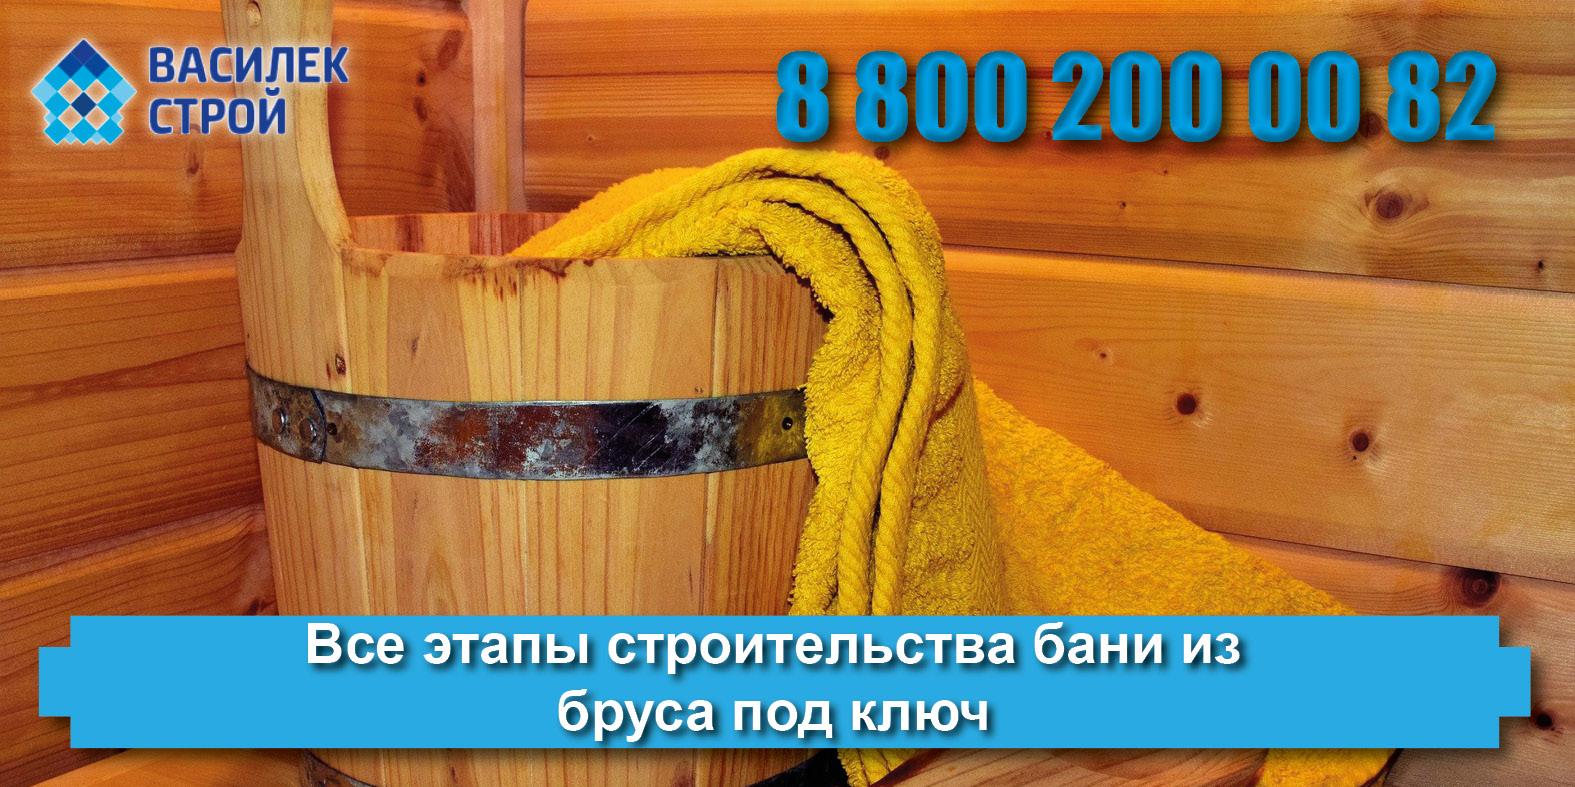 Респектабельные деревянные бани из бруса: продажа бань из бруса и строительство бани брус под ключ